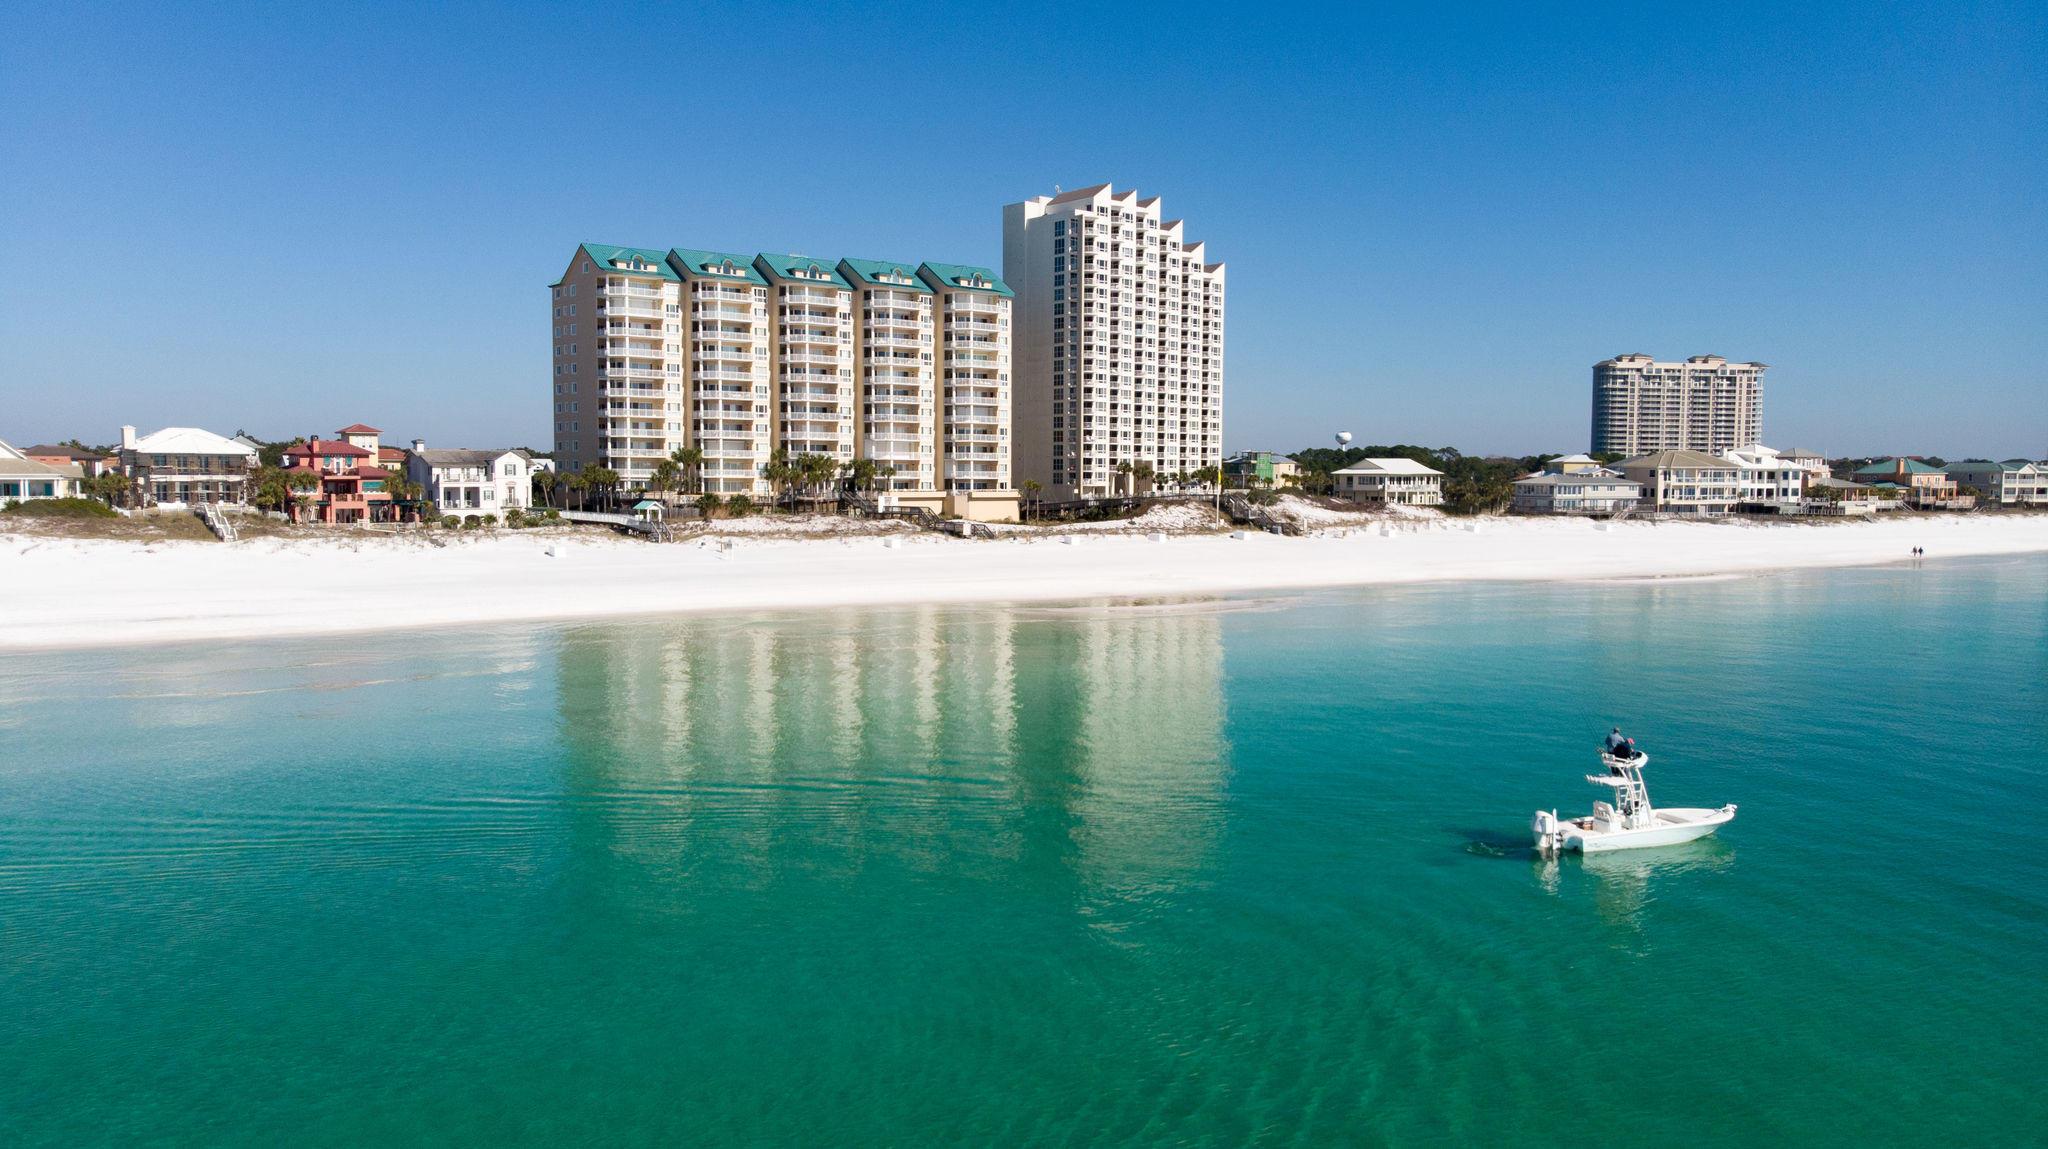 110 GRAND VILLAS DRIVE #110, MIRAMAR BEACH, FL 32550